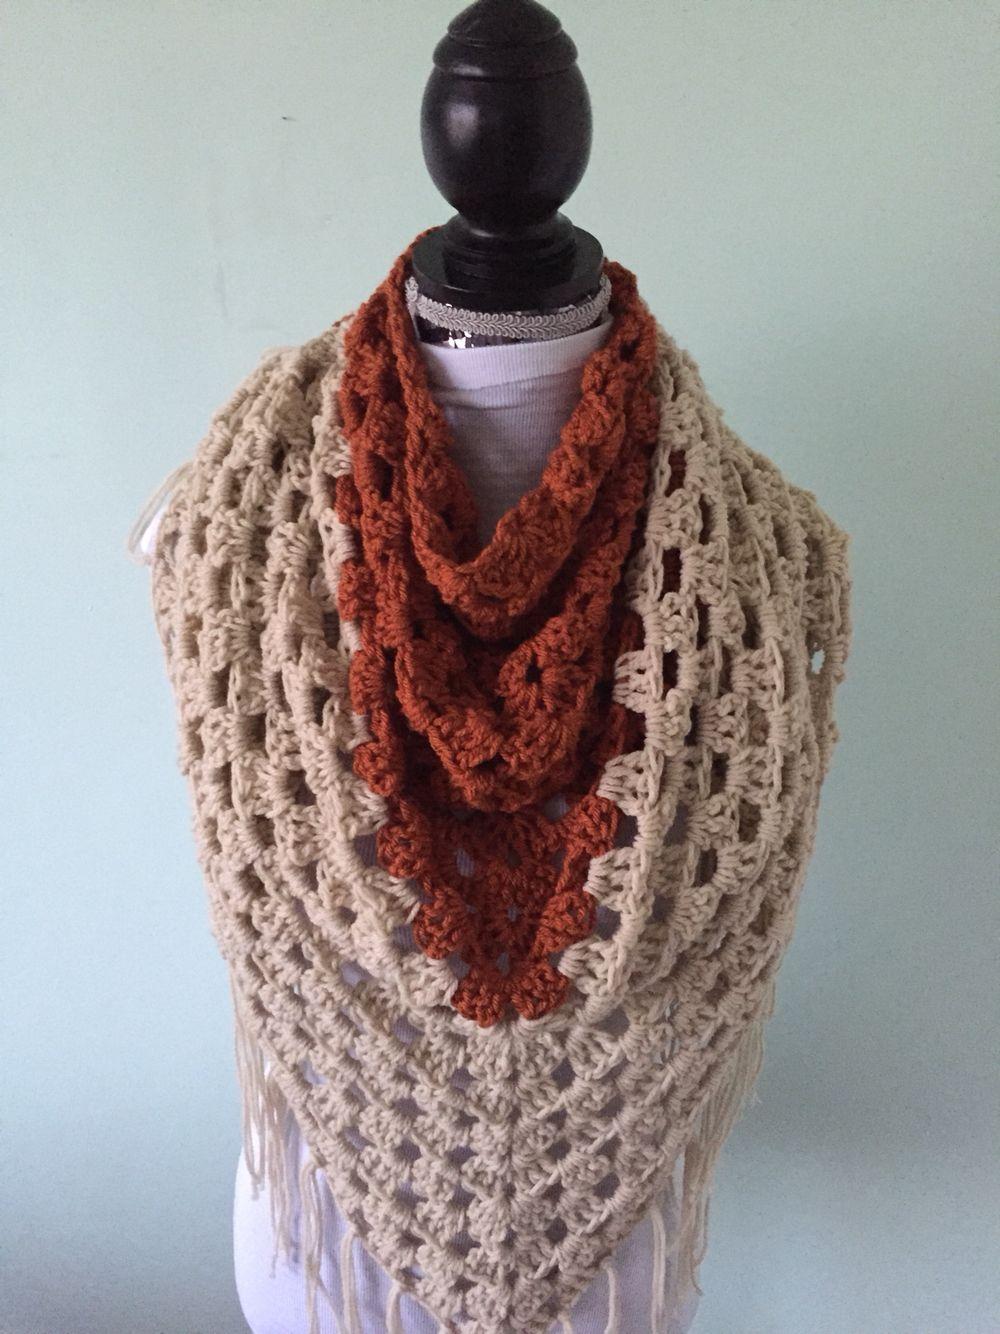 Crochet a granny triangle shawl